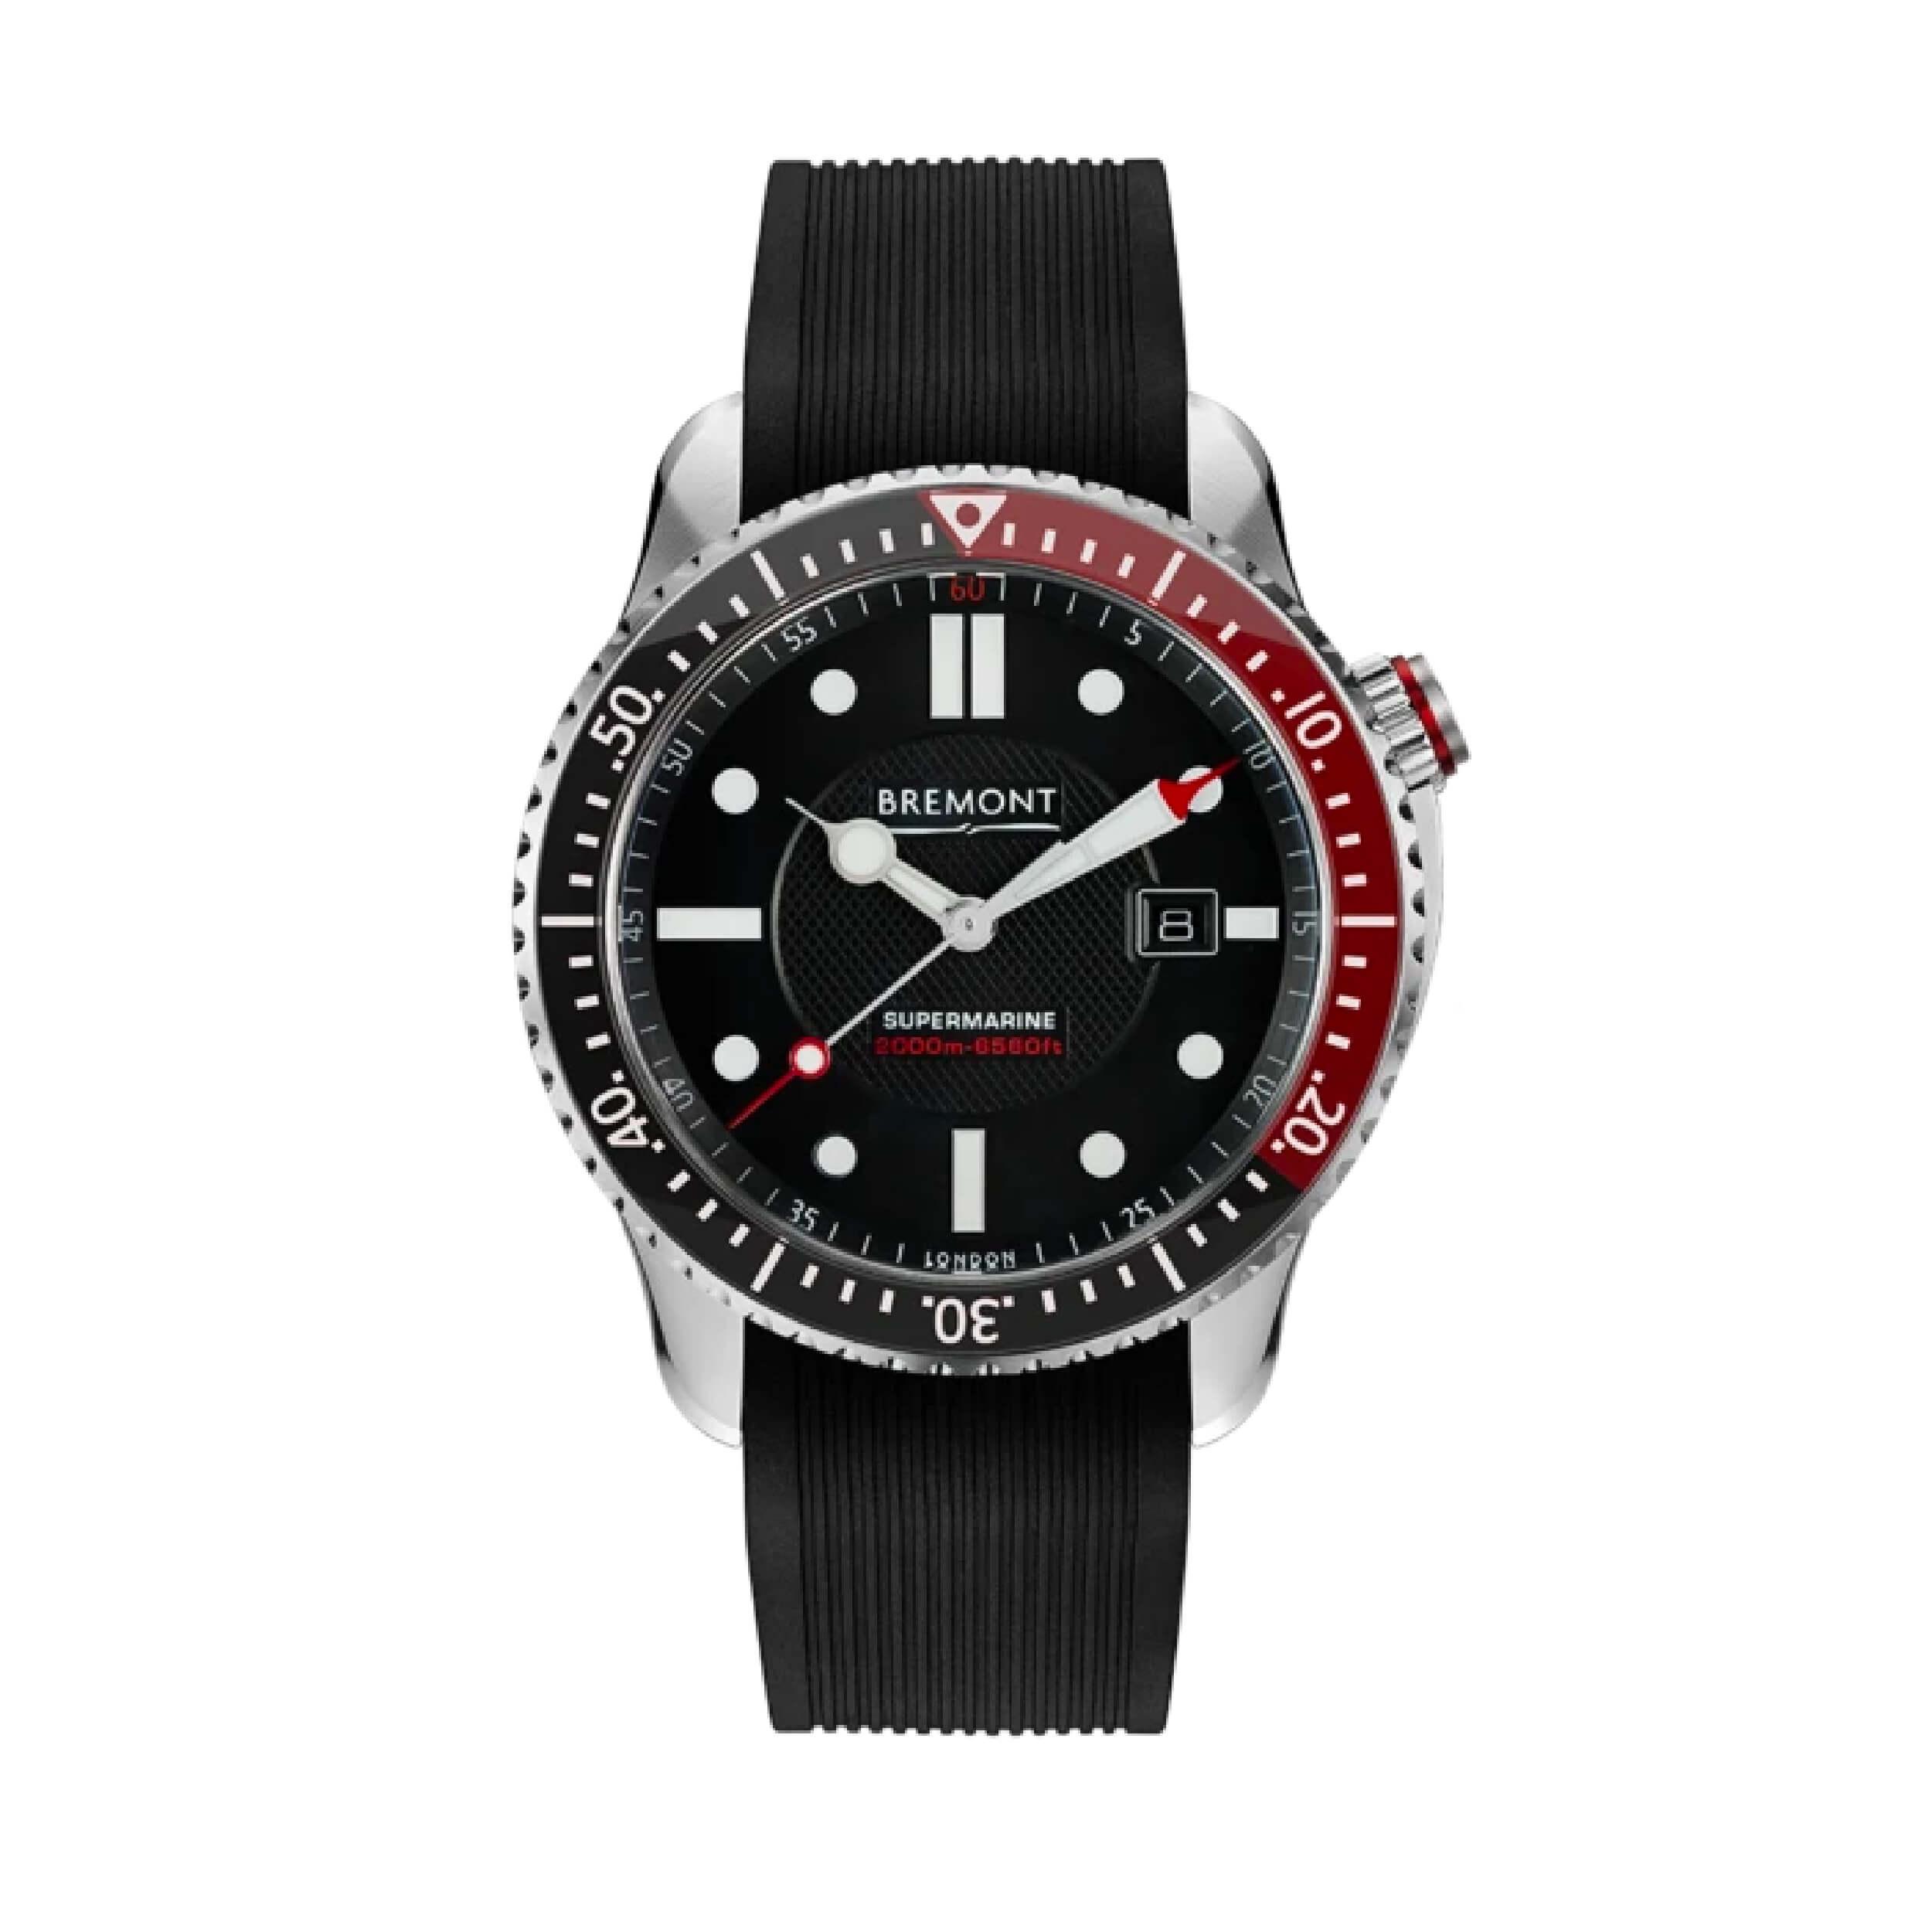 Bremont Supermarine s2000 Red | Wristwatches360